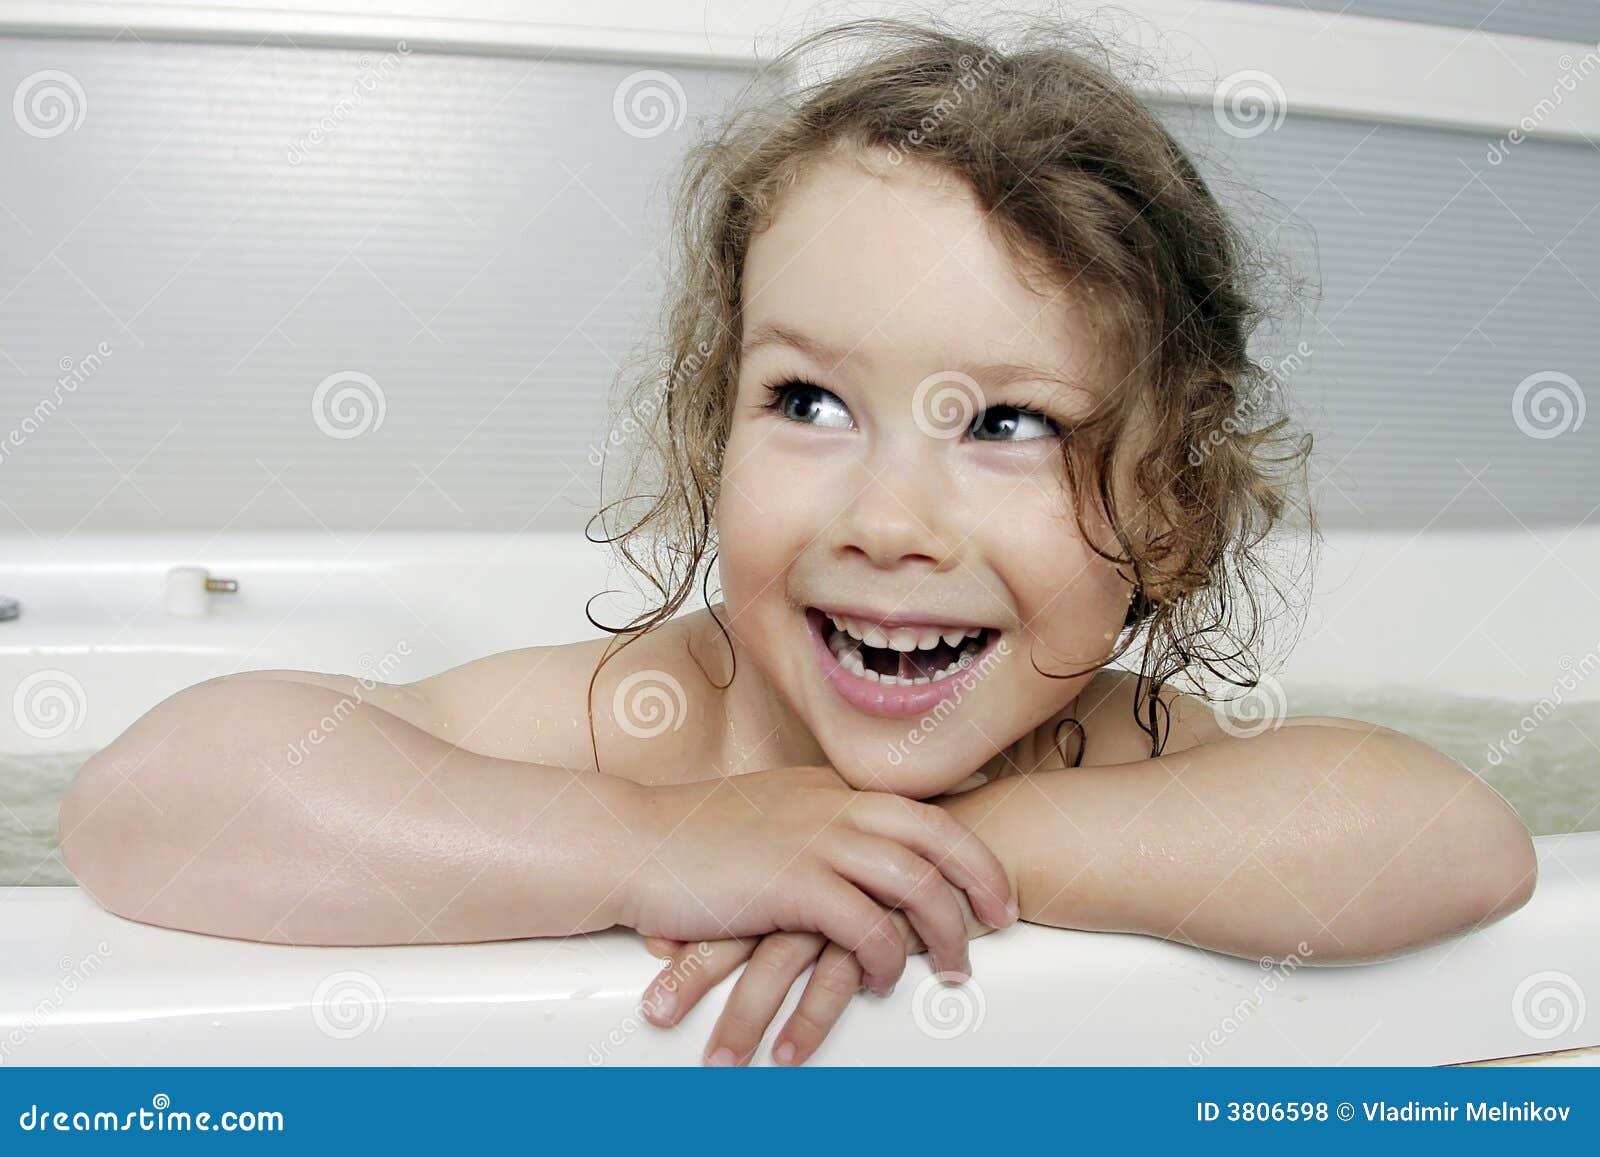 Tiny Teen In Bathtub 74